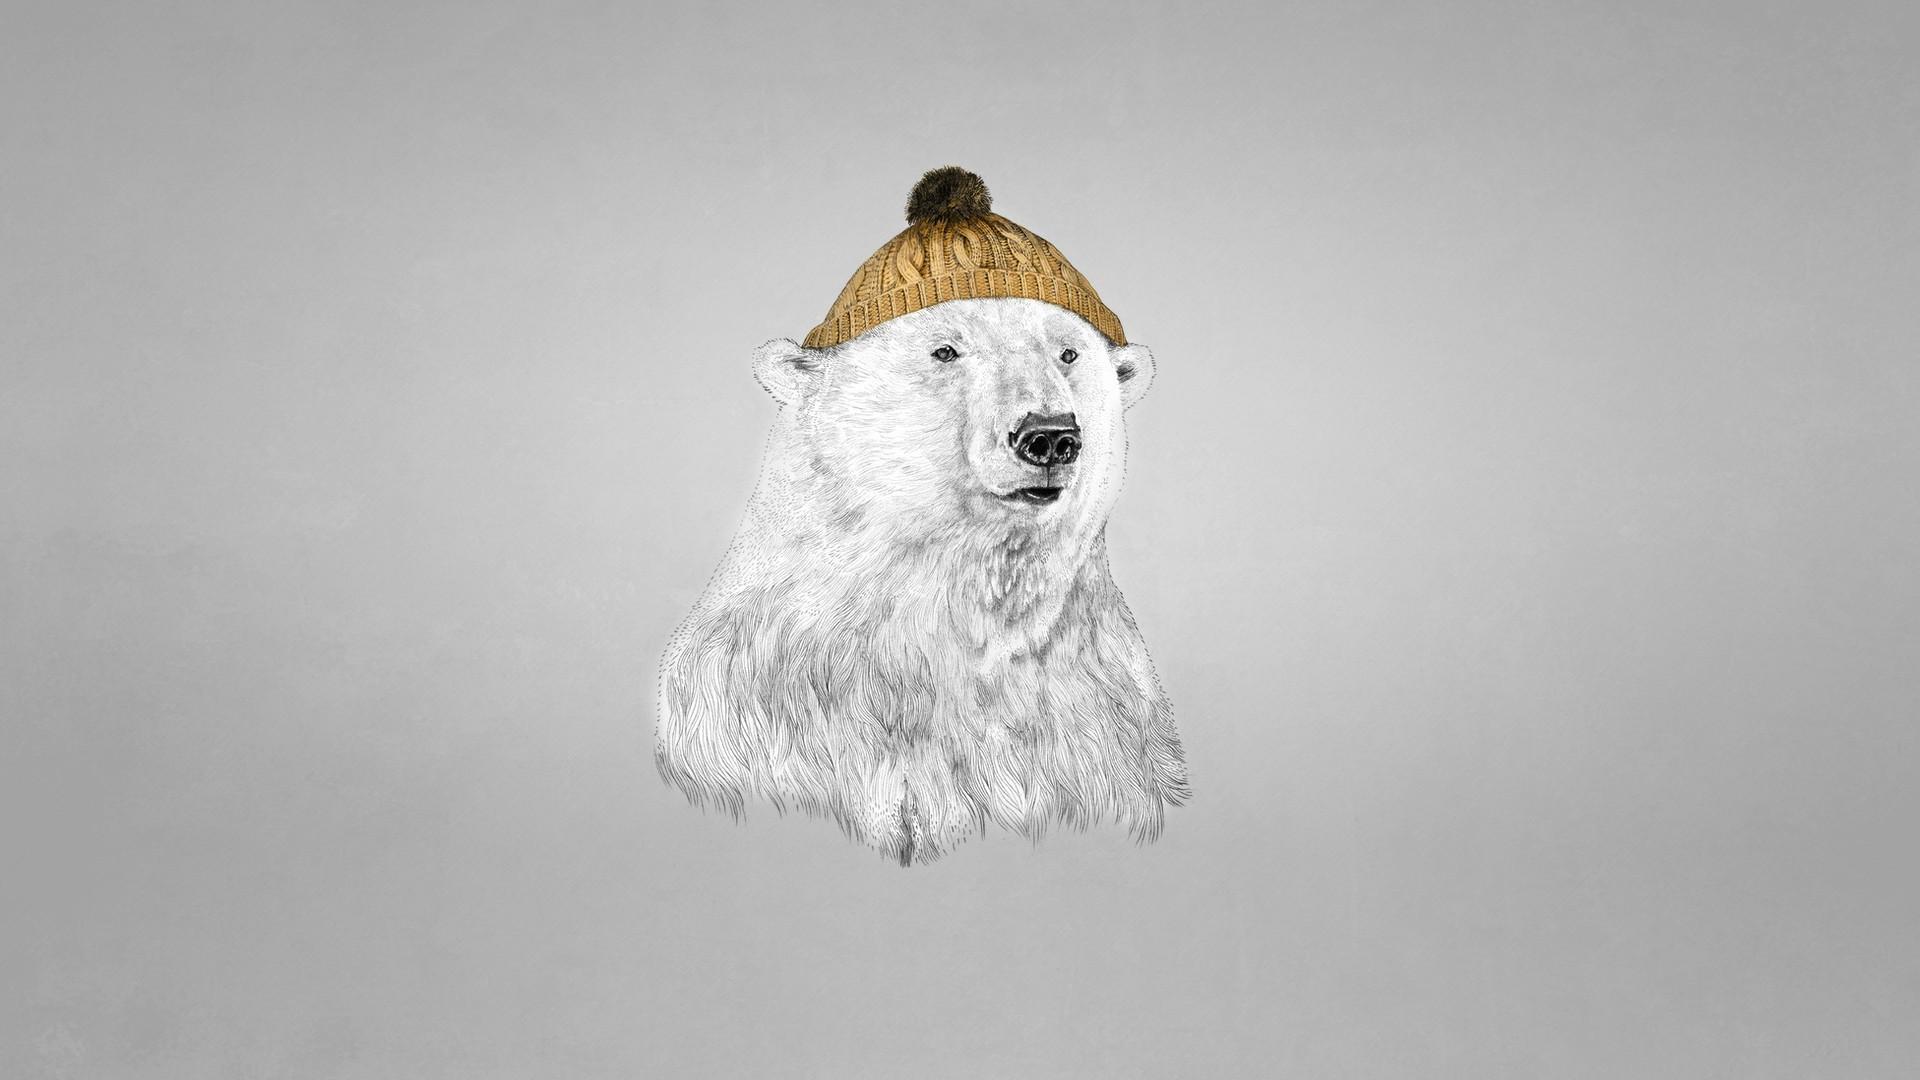 картинка бурый медведь в костюме белого заварной